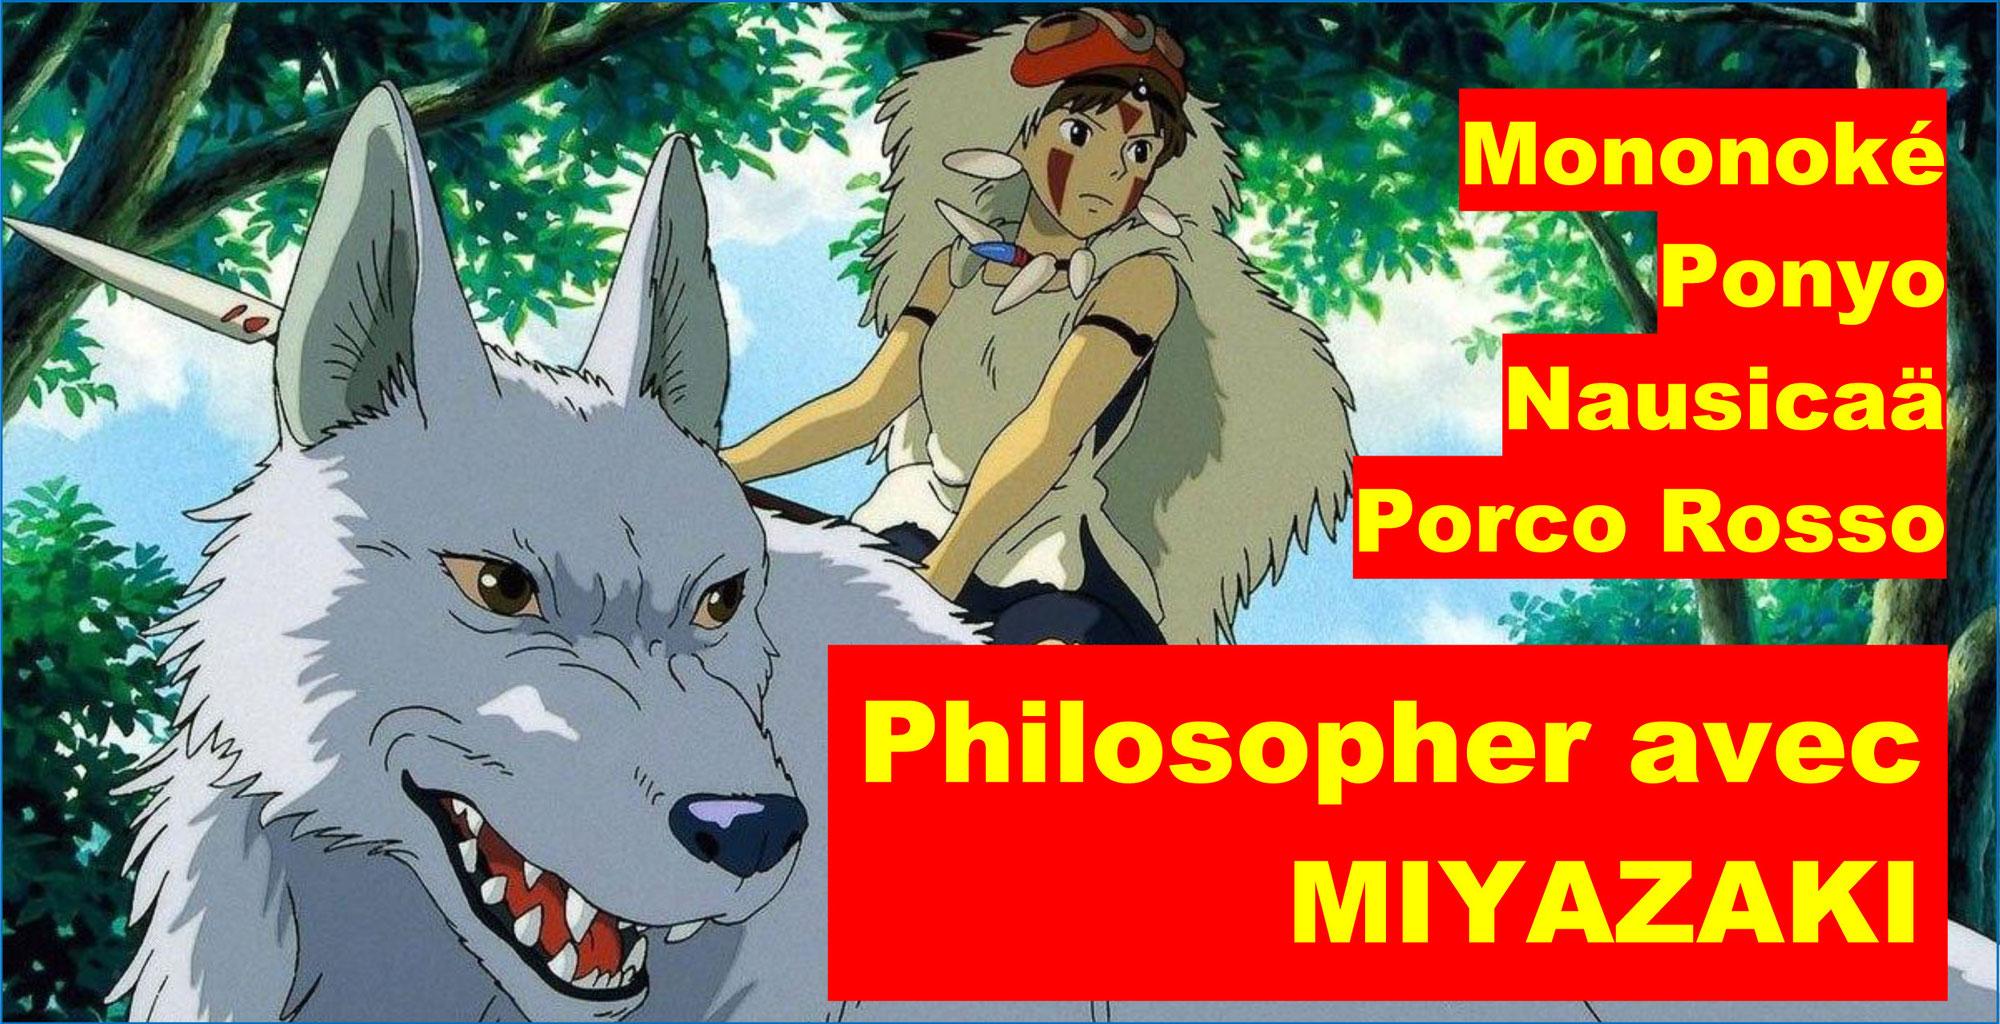 Philosopher avec MIYAZAKI: 4 émissions des CHEMINS DE LA PHILOSOPHIE (France Culture)